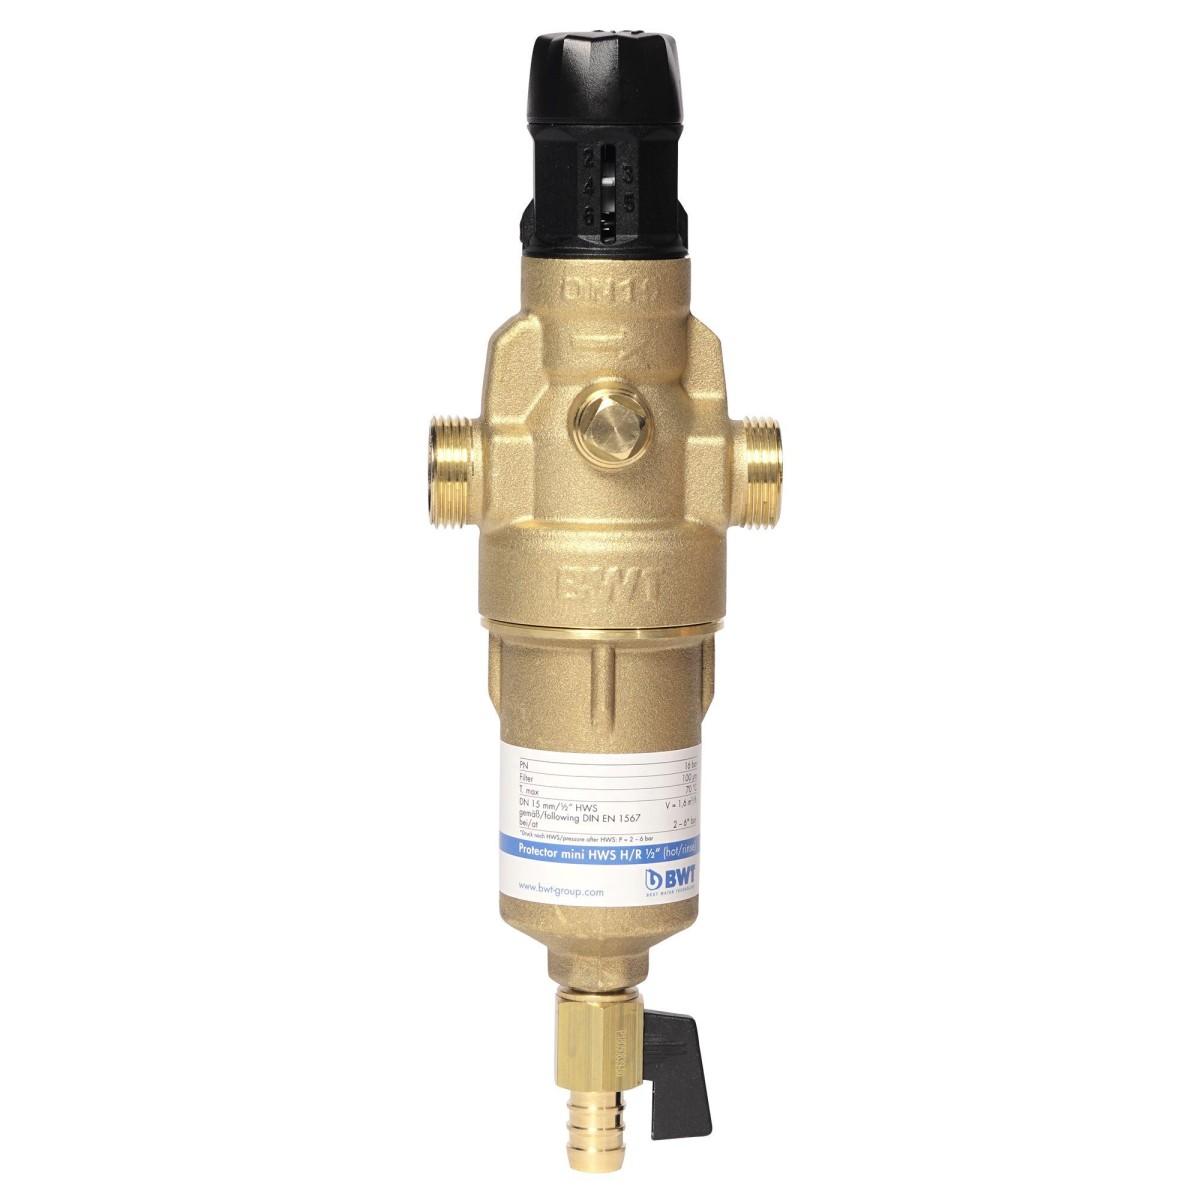 Фильтр механической очистки Барьер BWT Protector Mini 3/4&#34 c редуктором давления для горячей воды 100 мкм